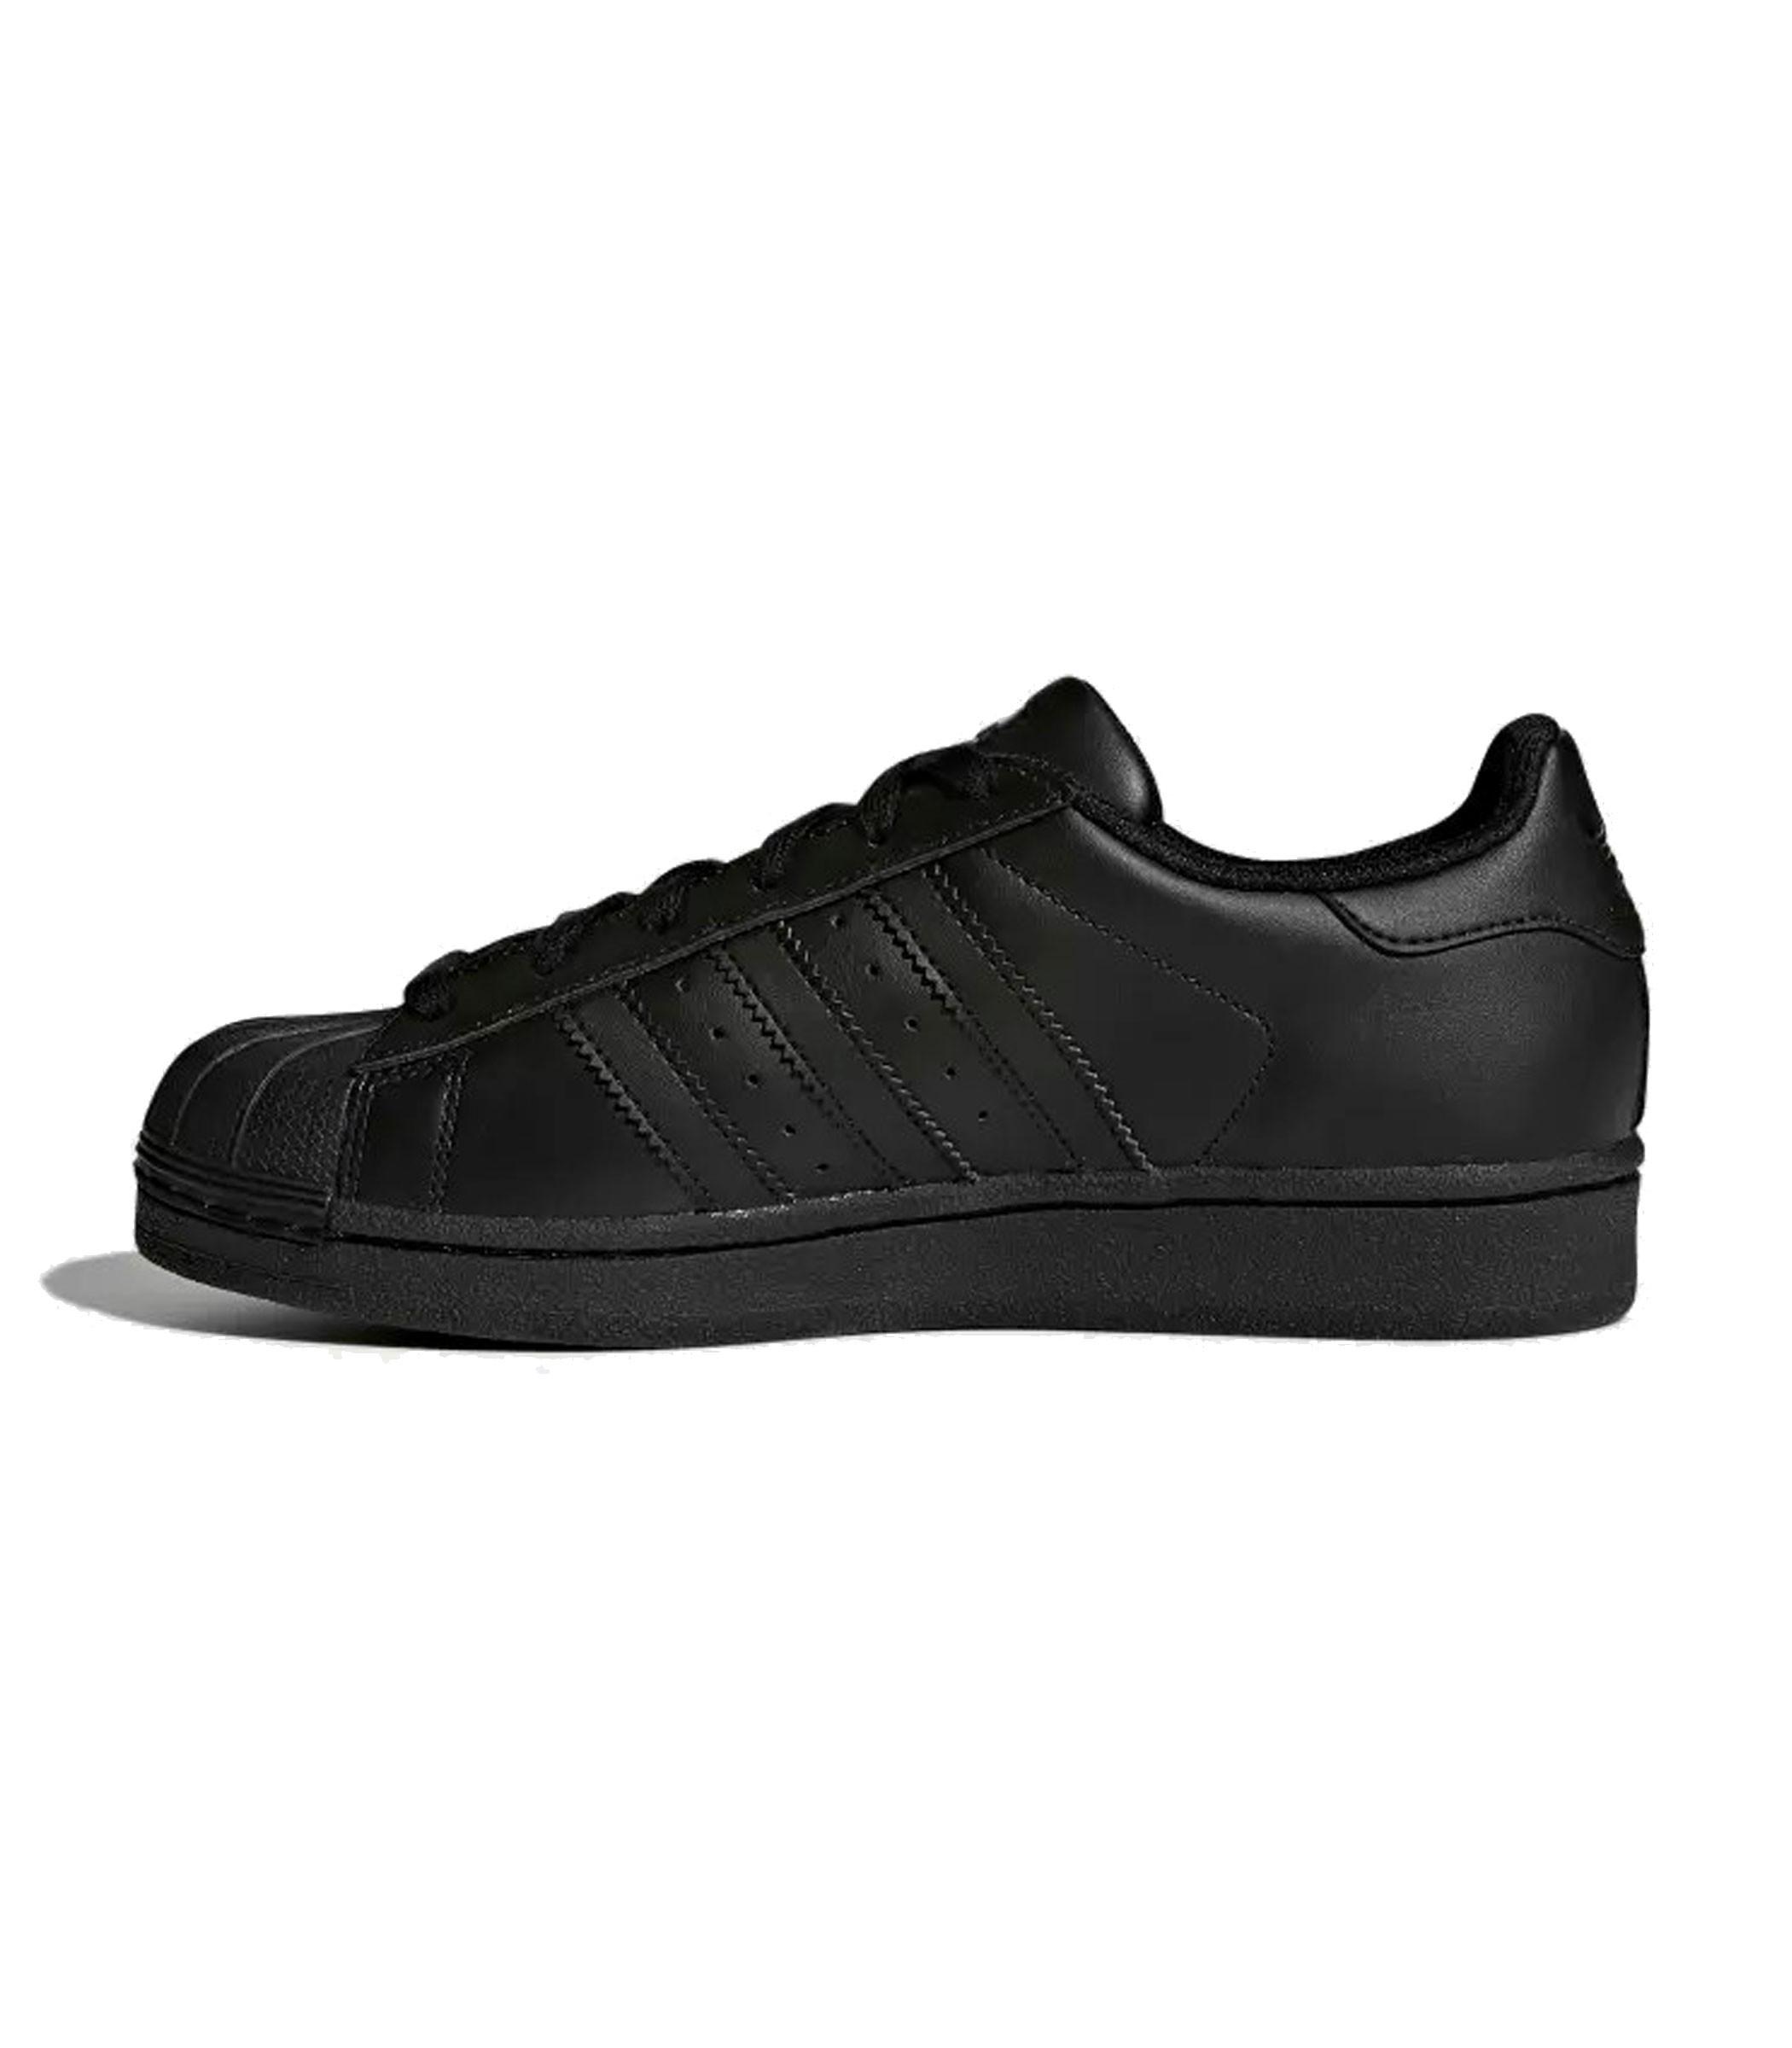 786310a69 Foundation Da J Scarpe B25724 Sneakers Ragazzo Rif Adidas Superstar  qCHCWtxI1w